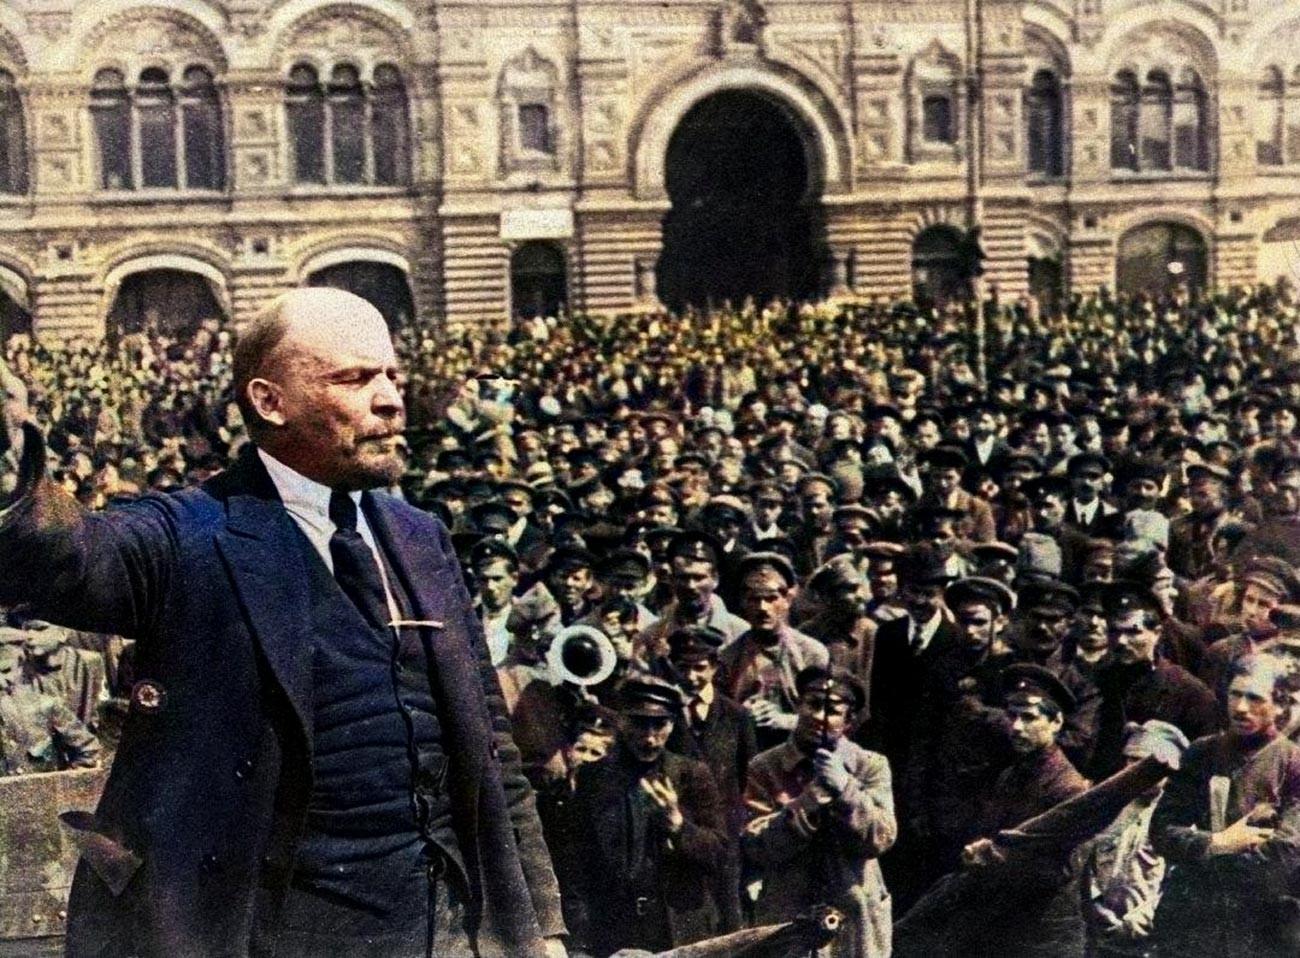 Vladimir Lénine prononçant un discours devant des militaires à l'occasion du premier anniversaire de la fondation des forces armées soviétiques, place Rouge, Moscou